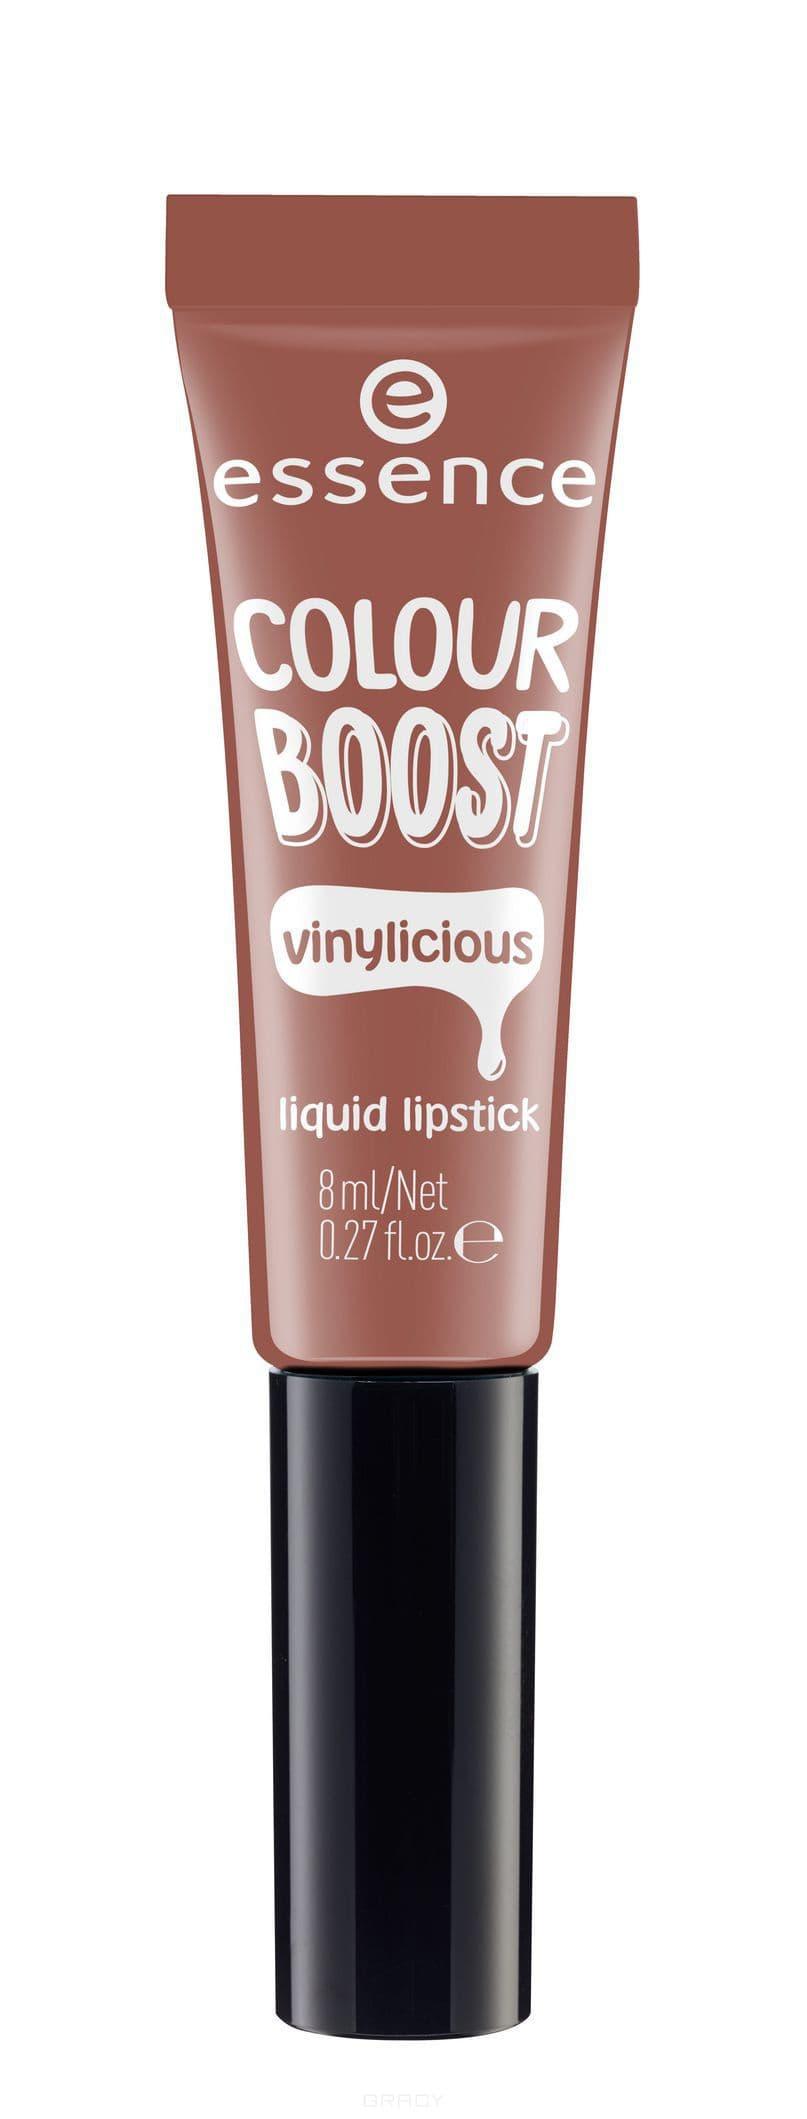 все цены на Essence, Жидкая губная помада Colour Boost Vinylicious Liquid Lipstick, 8 мл (6 тонов) №02, нюдовый онлайн